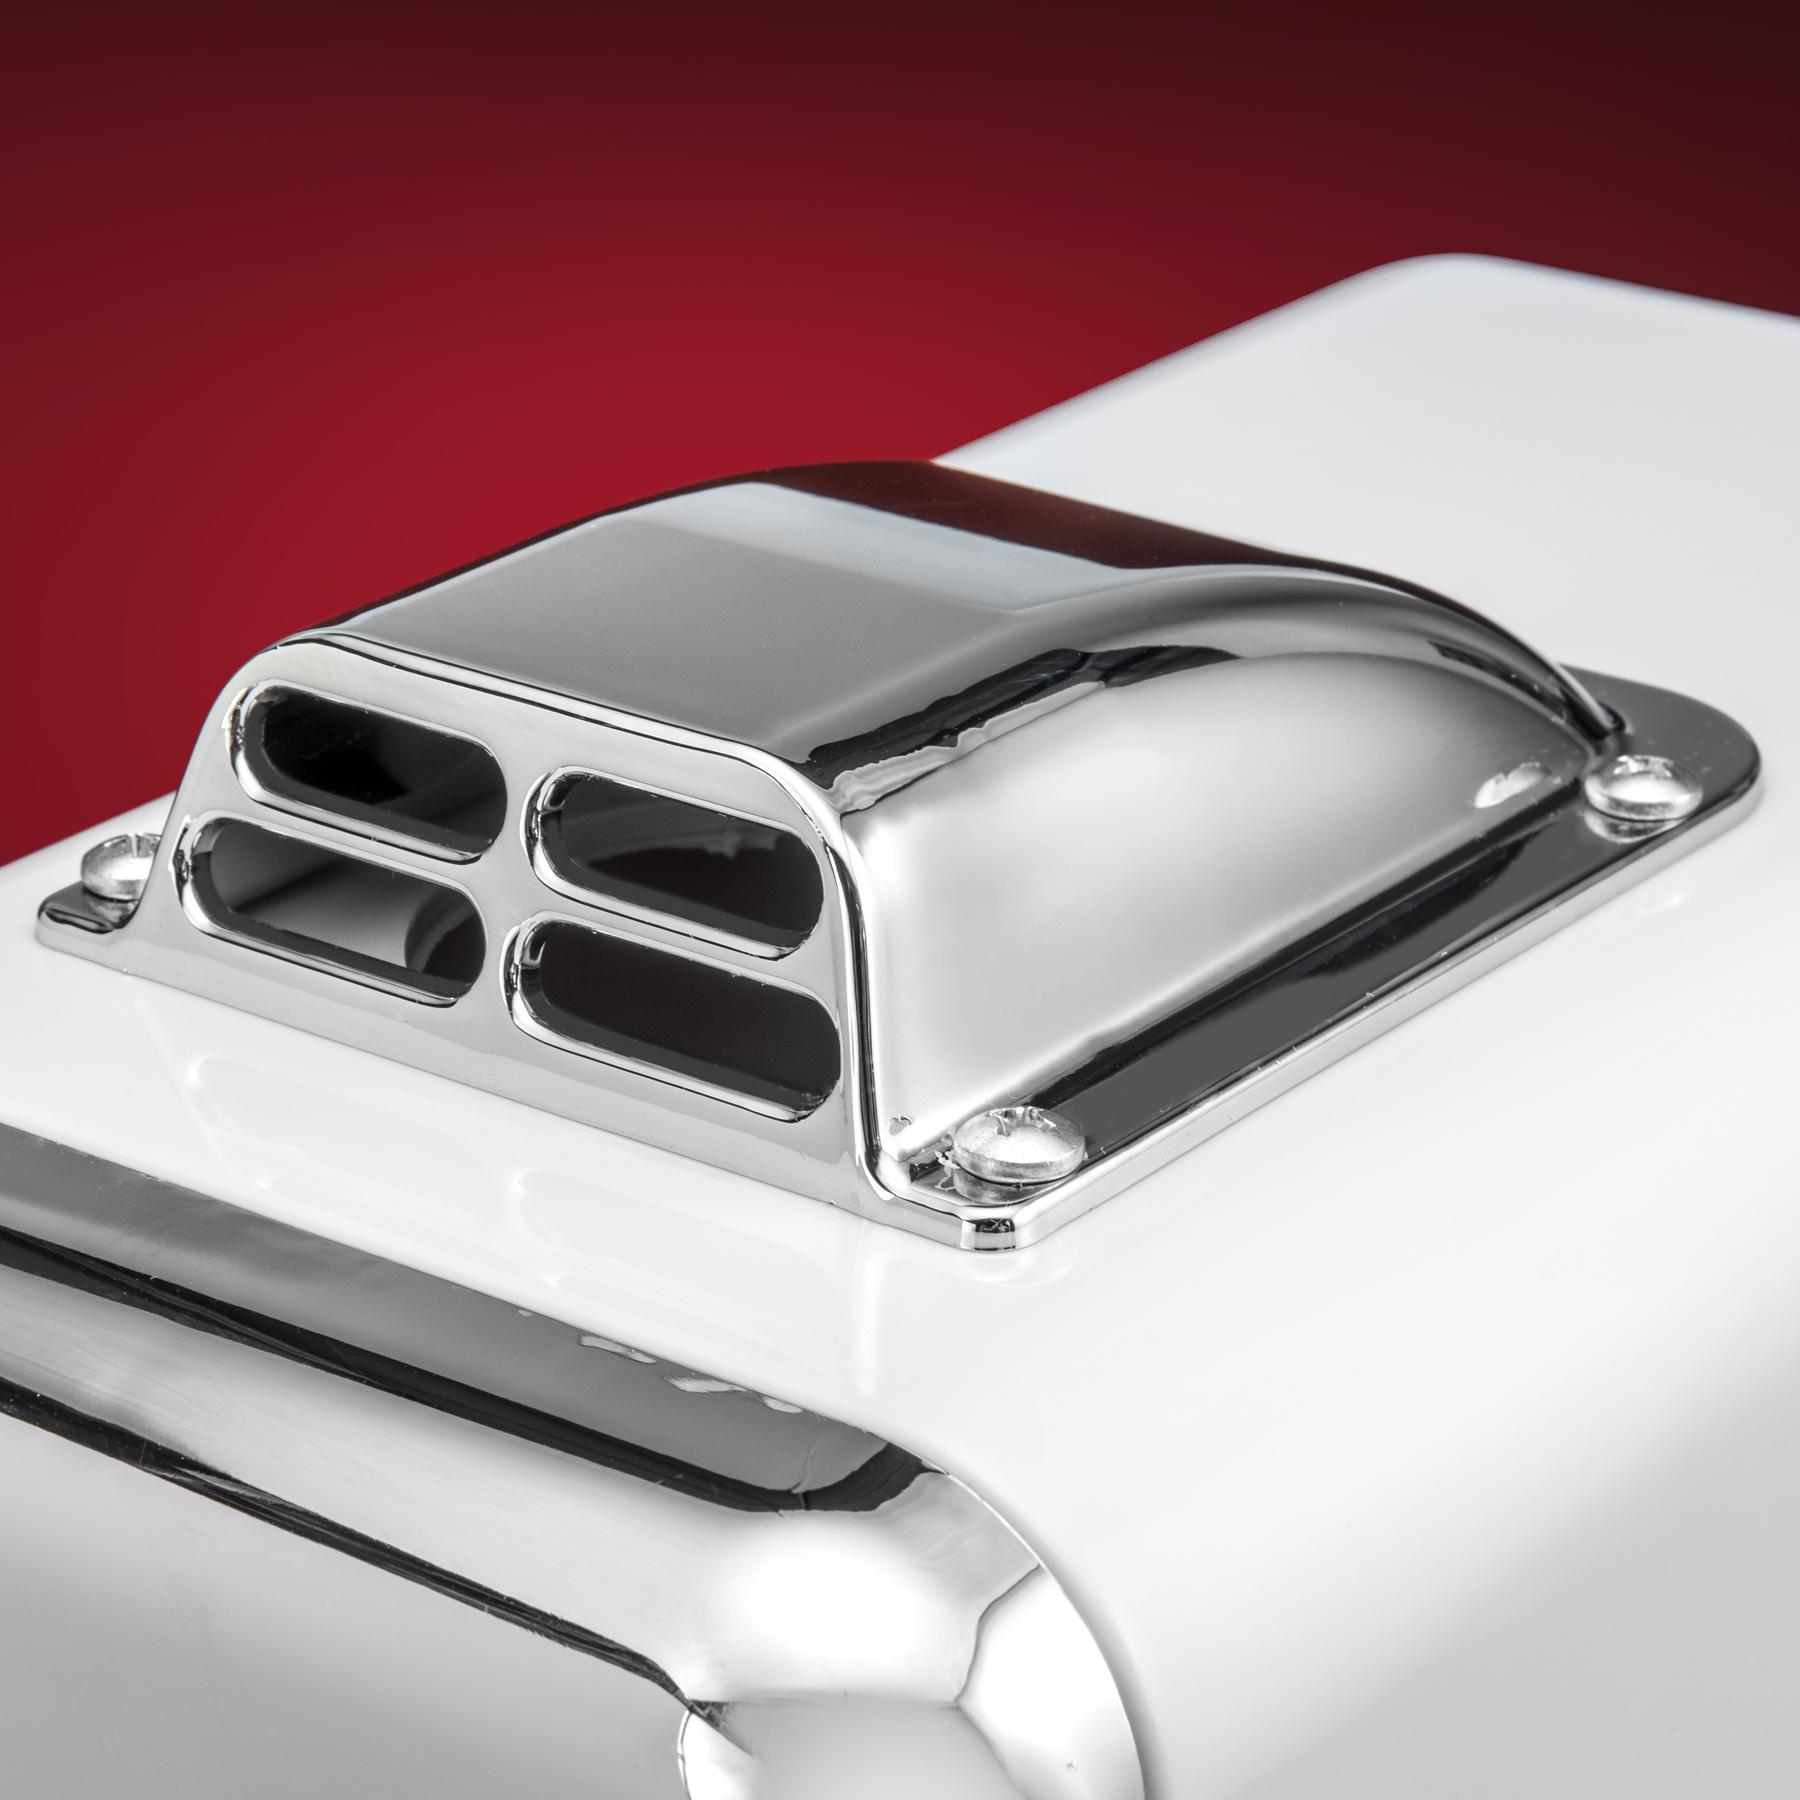 STX Megaforce 3000 Air Cooled Electric Meat Grinder - Size #12